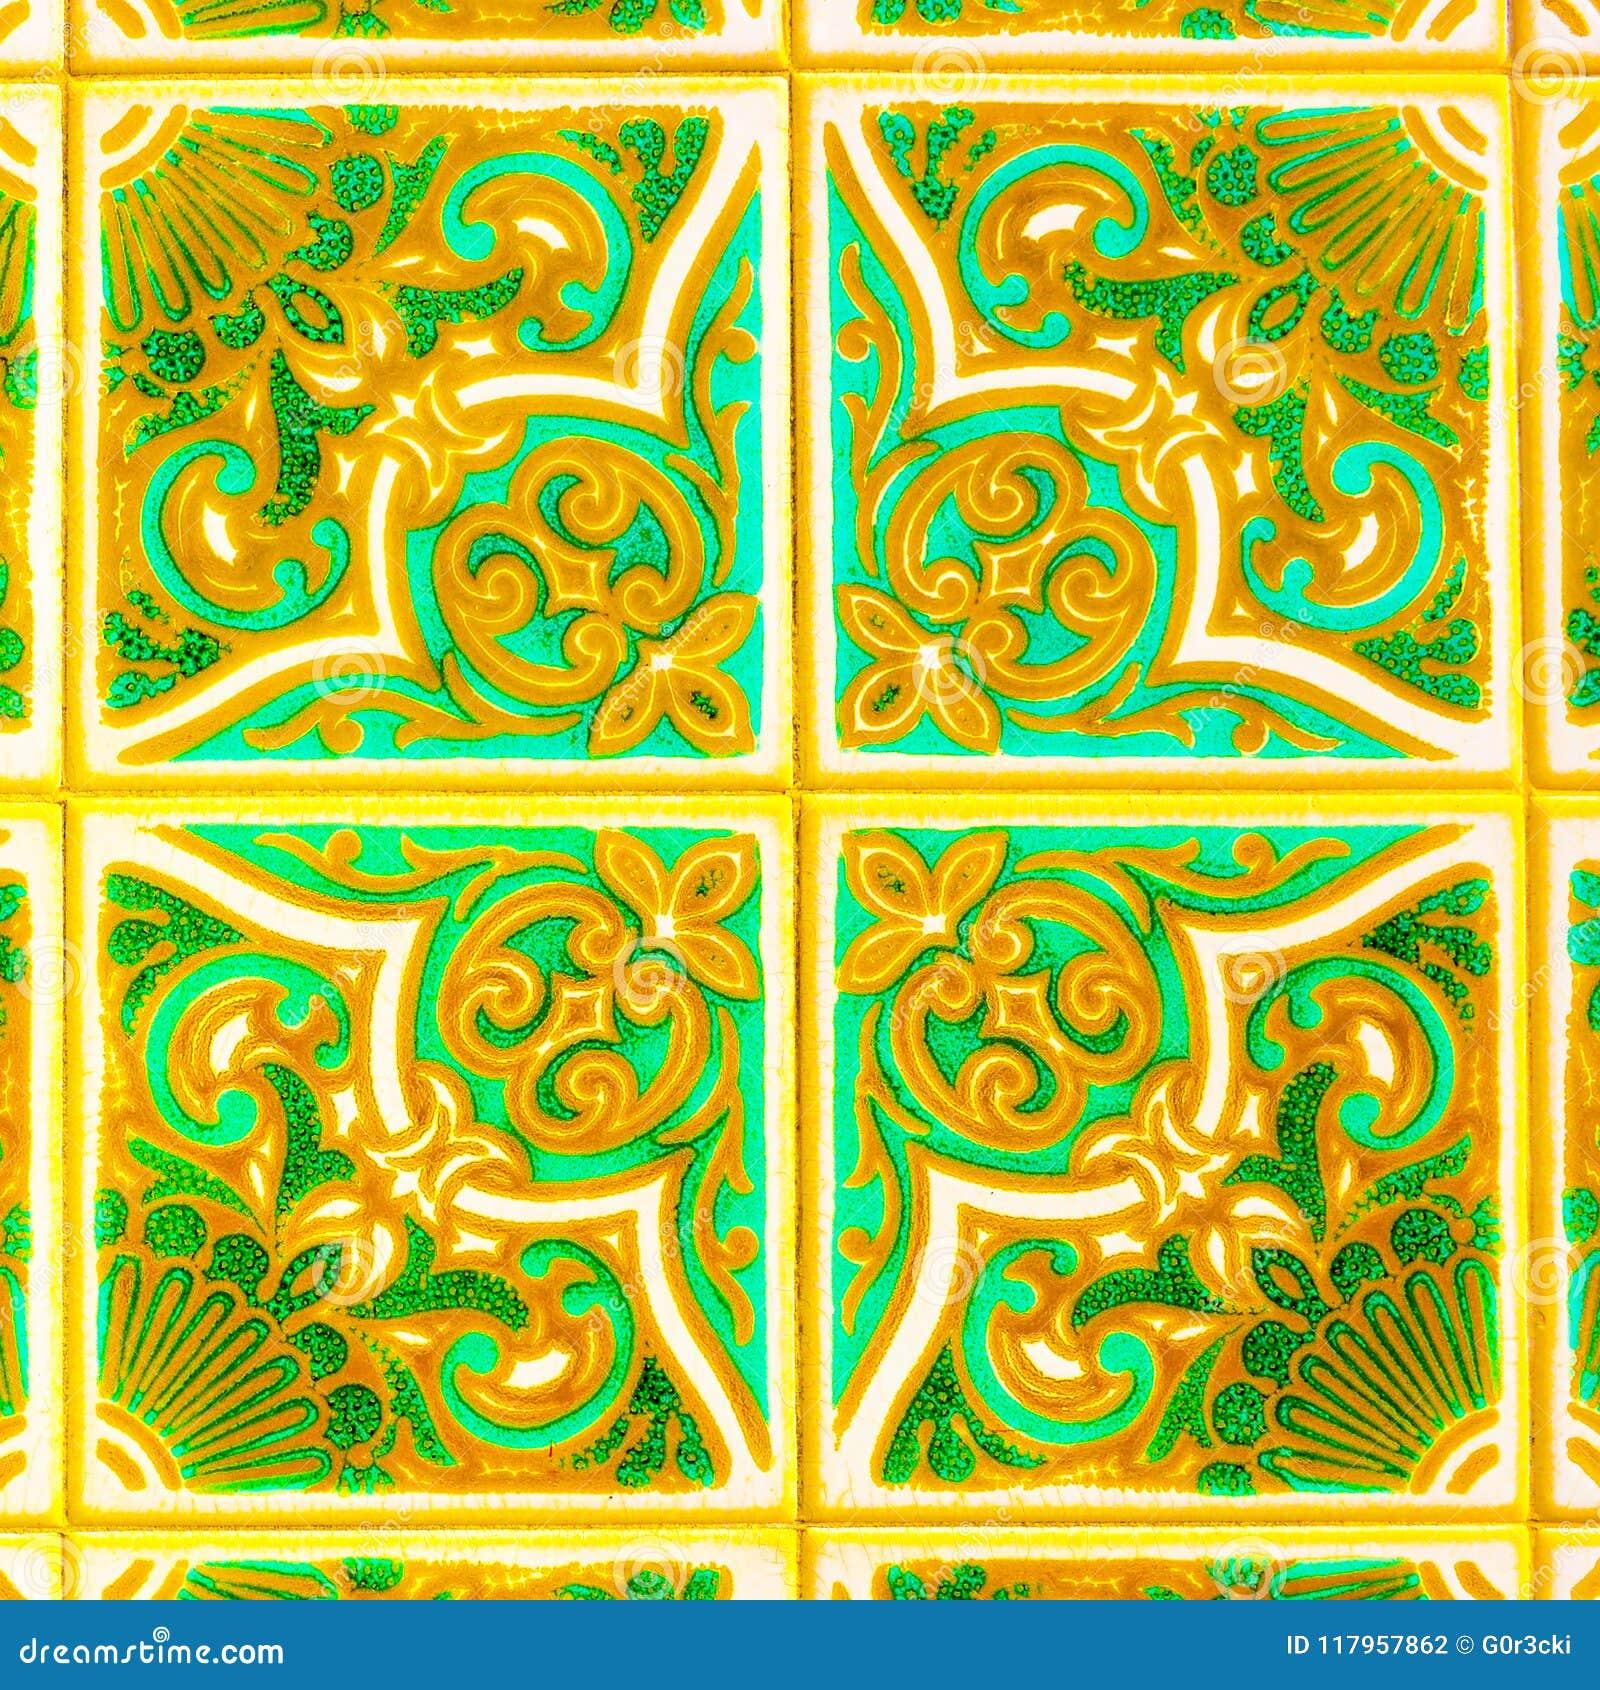 Telhas vitrificadas retros portuguesas com teste padrão geométrico, Azulejos feito a mão, arte da rua de Portugal, fundo abstrato